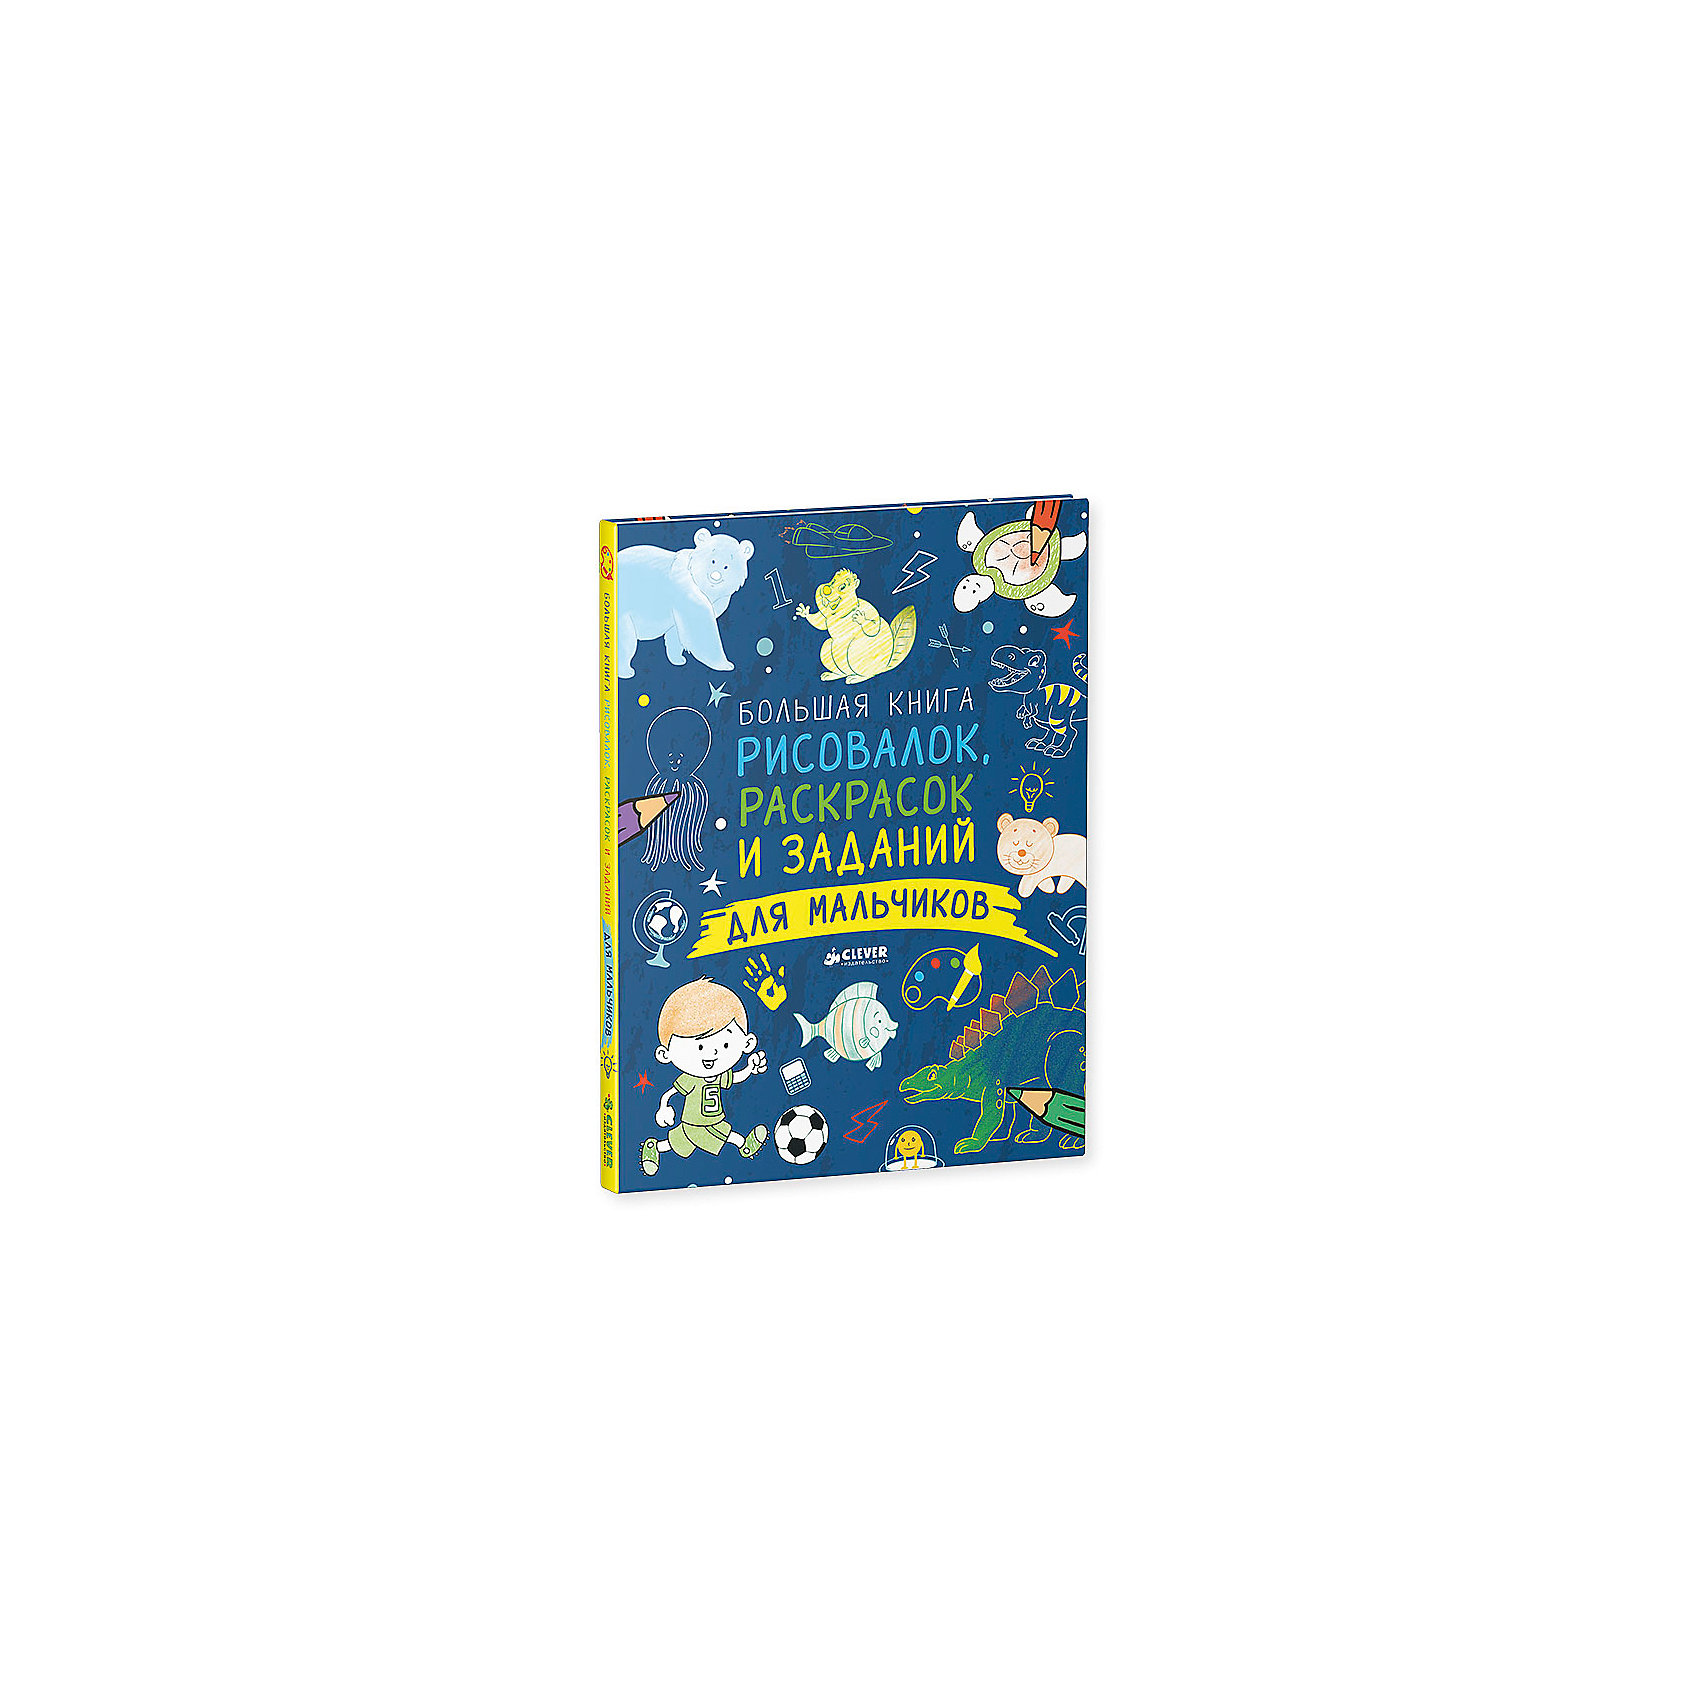 Большая книга рисовалок, раскрасок и заданий для мальчиковХарактеристики товара:<br><br>• материал: картон, бумага<br>• возраст: от трех лет<br>• страниц: 160<br>• формат: 18х24 см<br>• развивающая<br>• твердая обложка<br>• цветные иллюстрации<br>• страна производства: Российская Федерация<br><br>В этой книге собраны интересные и развивающие задания, которые дополнены красочными иллюстрациями. Такие задания помогут родителям развлечь малыша и одновременно помочь ему развиваться. <br>Изделие очень качественно выполнено, обложка - красивая. Формат - удобный. Такая книжка станет отличным подарком для ответственных родителей. Подобные задания помогают детям научиться логически мыслить, обобщать, а также развивают память, фантазию и внимание. Подходит для детей от трех лет.<br><br>Издание Большая книга рисовалок, раскрасок и заданий для мальчиков можно купить в нашем интернет-магазине.<br><br>Ширина мм: 240<br>Глубина мм: 185<br>Высота мм: 8<br>Вес г: 250<br>Возраст от месяцев: 84<br>Возраст до месяцев: 132<br>Пол: Мужской<br>Возраст: Детский<br>SKU: 5279330